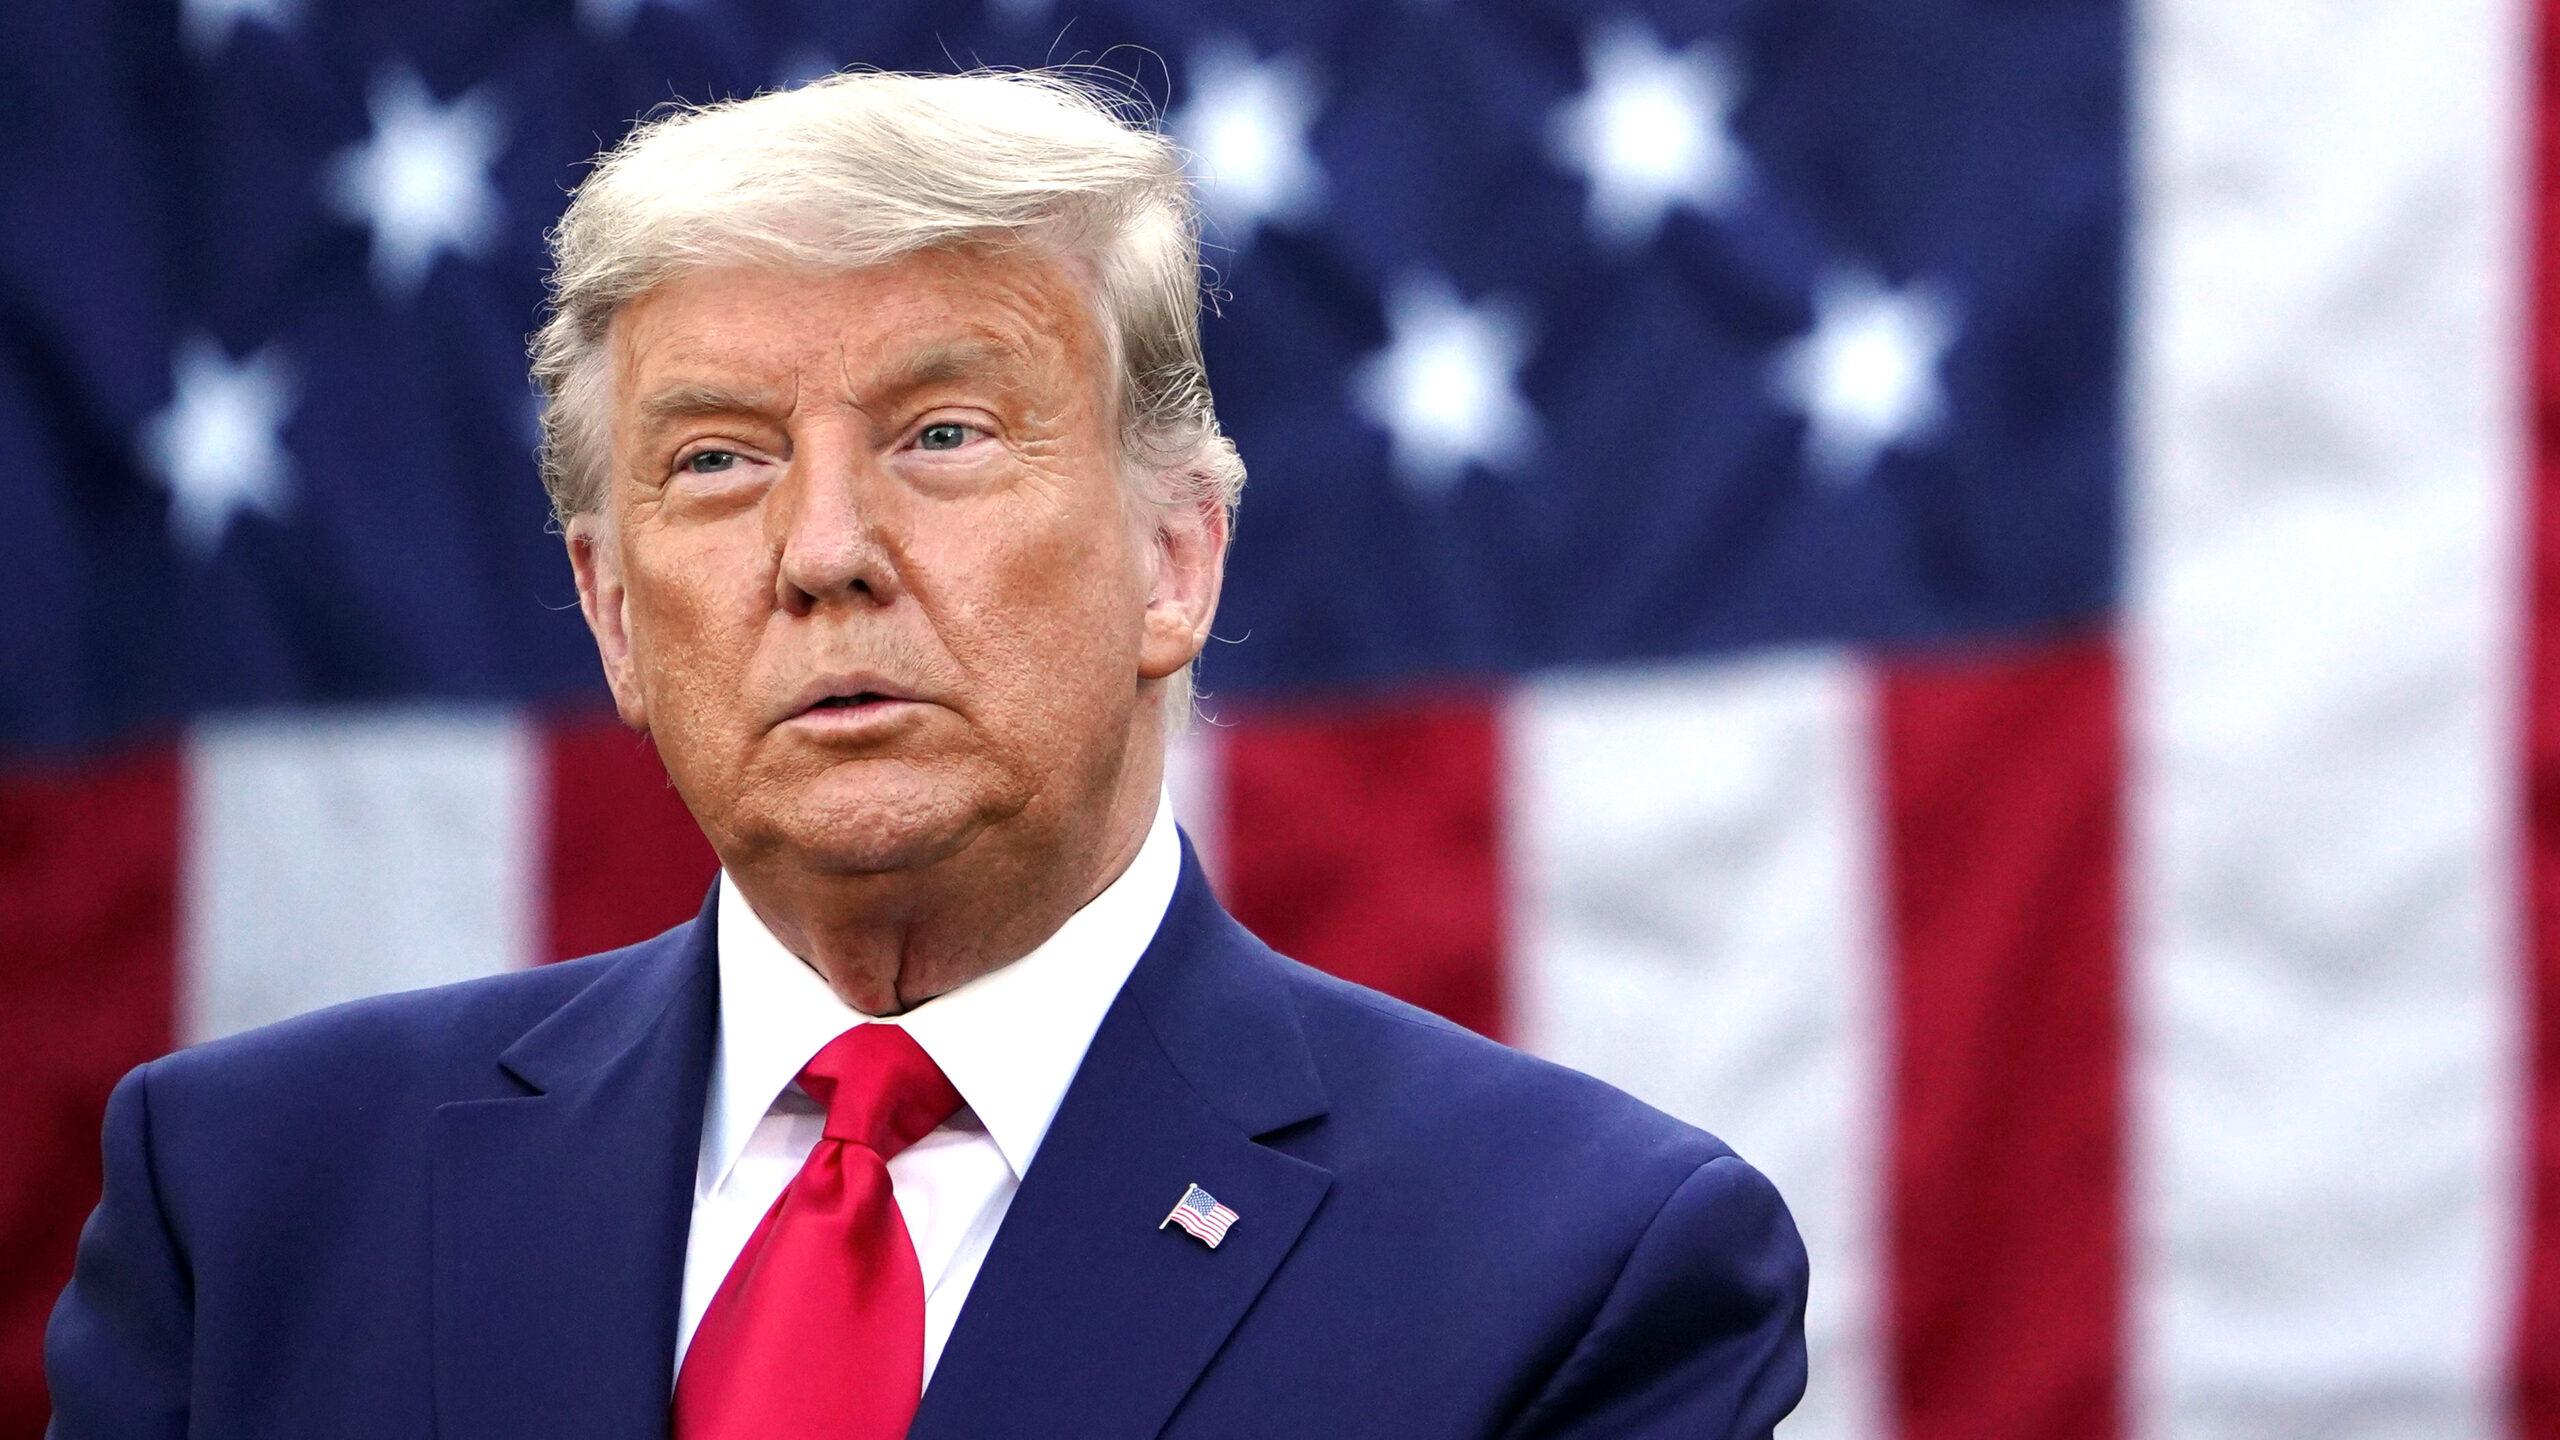 Tổng thống Hoa Kỳ Donald Trump tại Vườn Hồng của Nhà Trắng ở Washington, DC vào ngày 13 tháng 11 năm 2020. MANDEL NGAN / AFP qua Getty Images